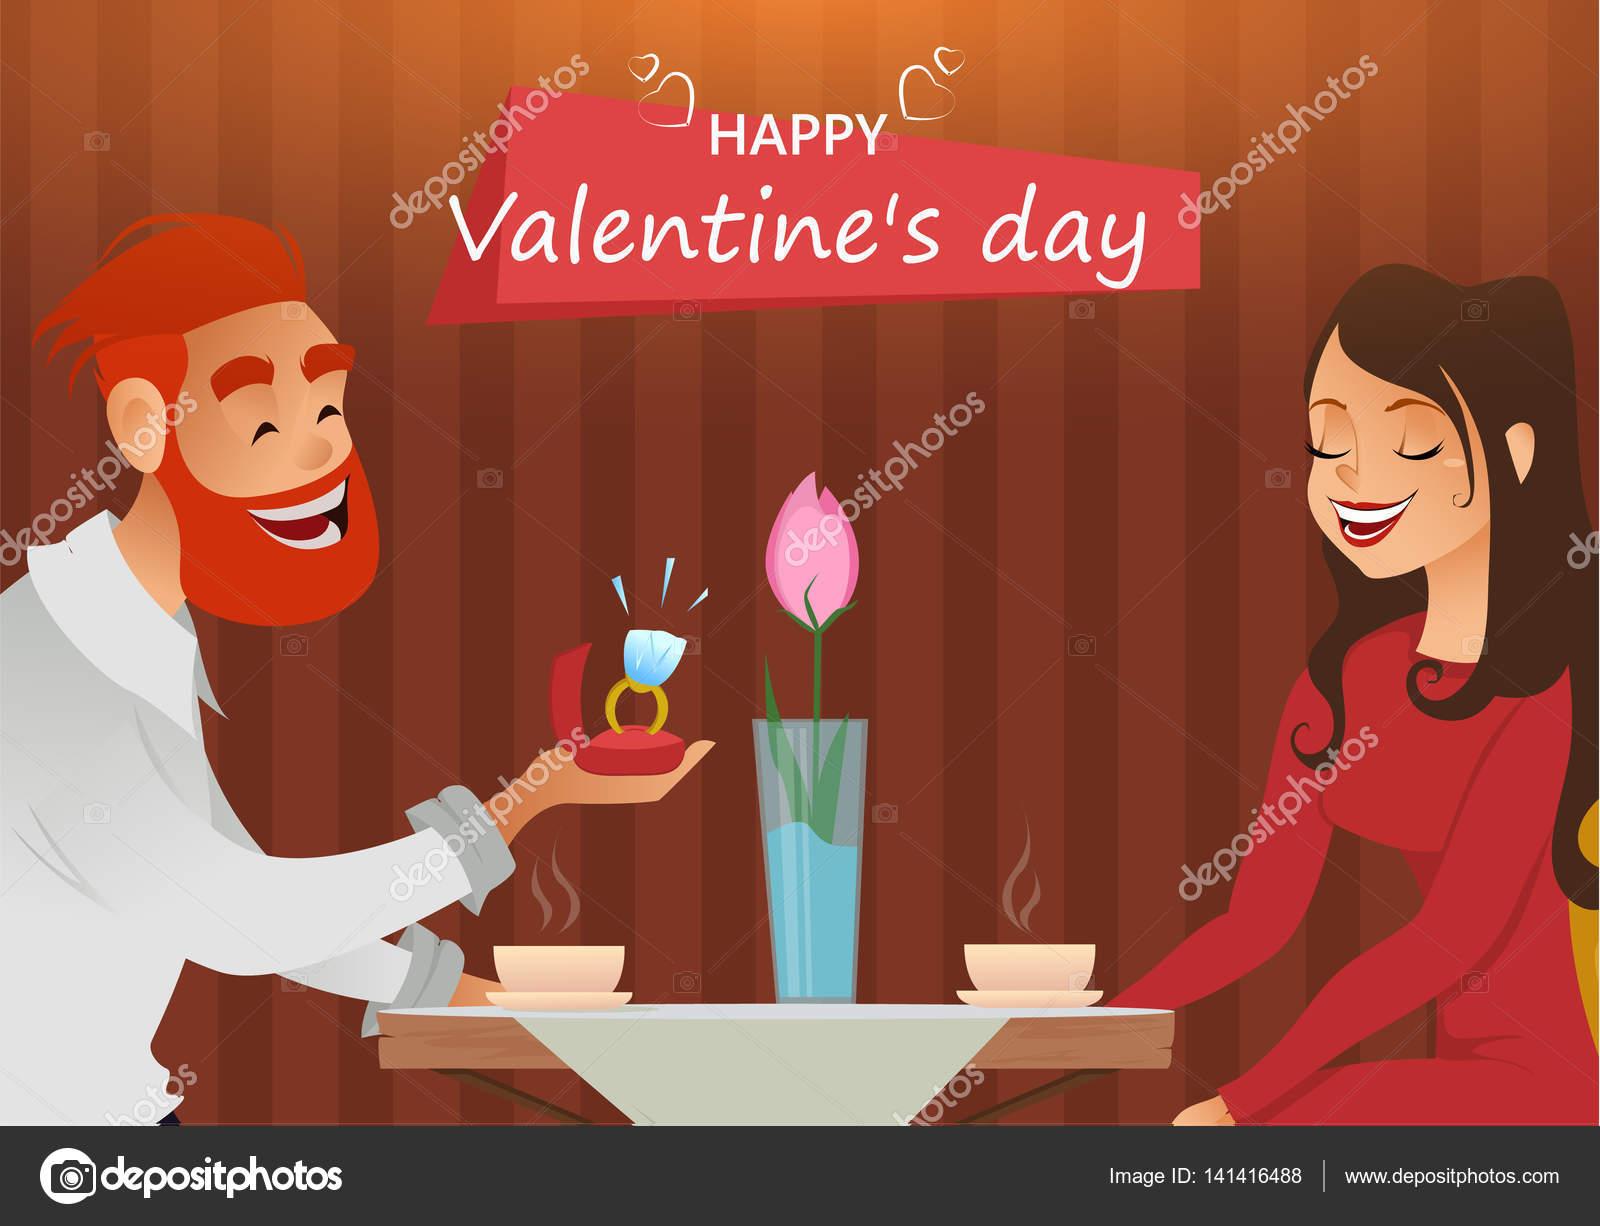 gratulationskort förlovning Par i kärlek, romantiska kväll på restaurang eller café, ung man  gratulationskort förlovning